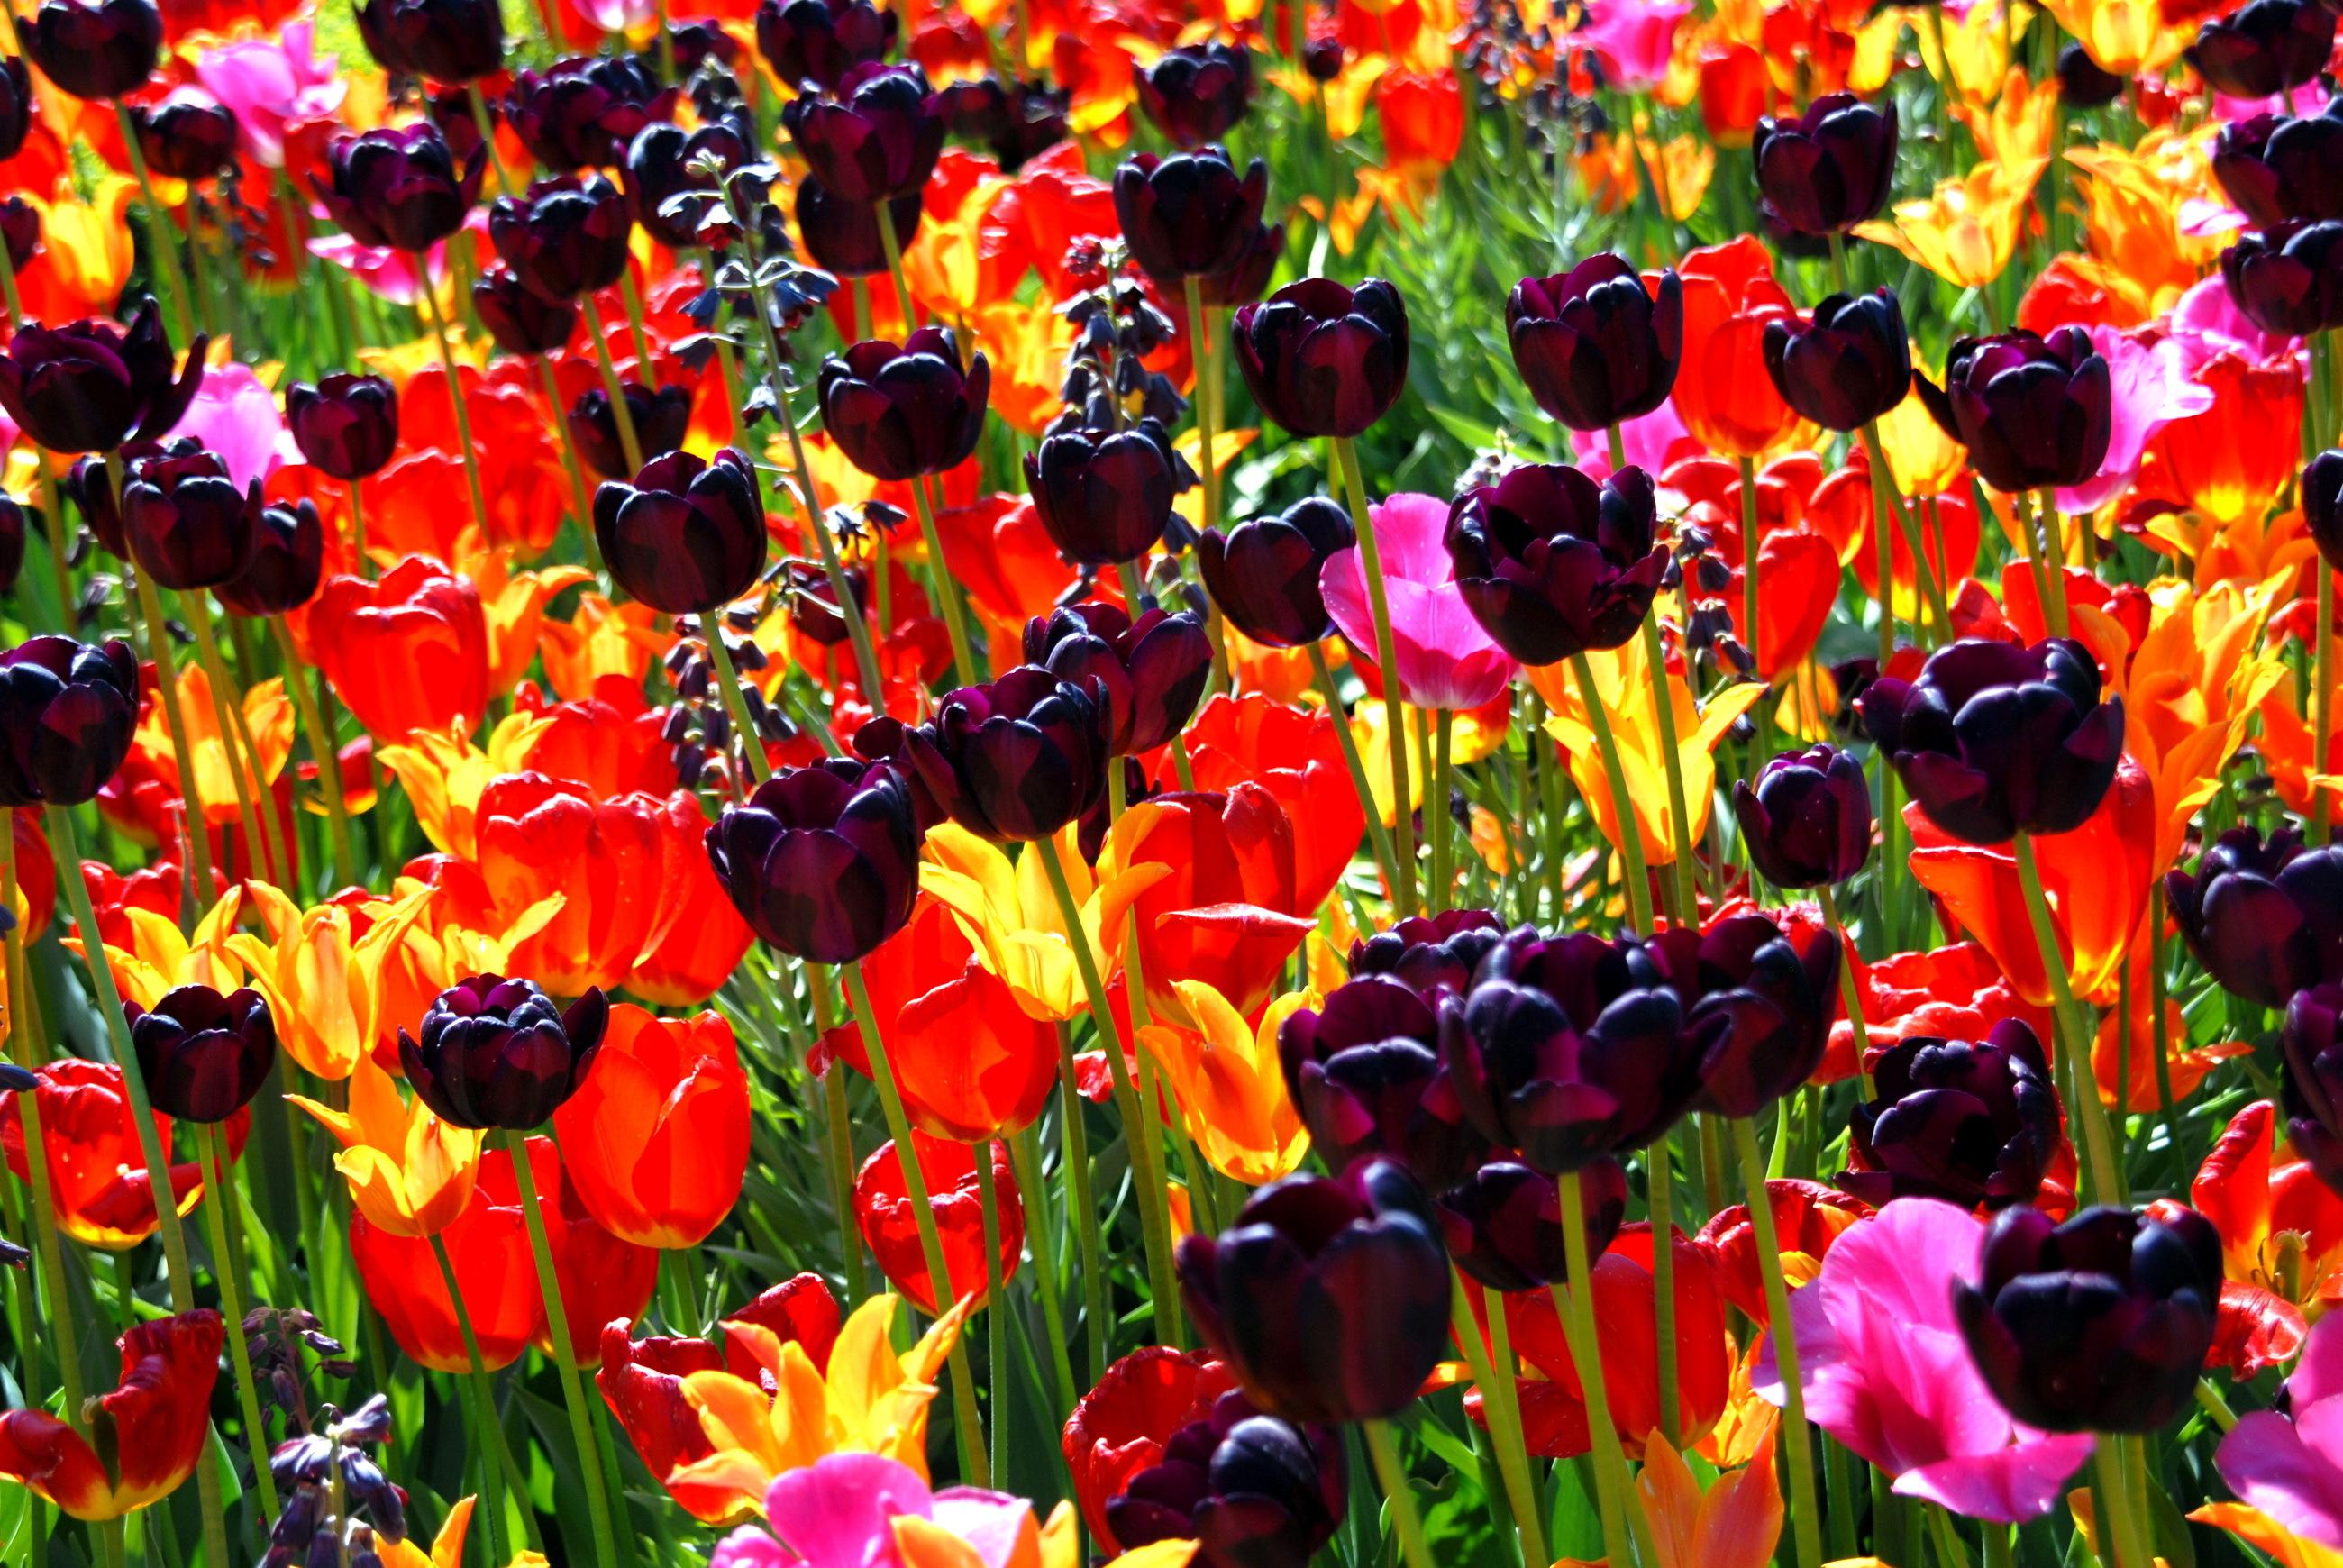 моделей природа красивые картинки разные цветы выбрали благородную